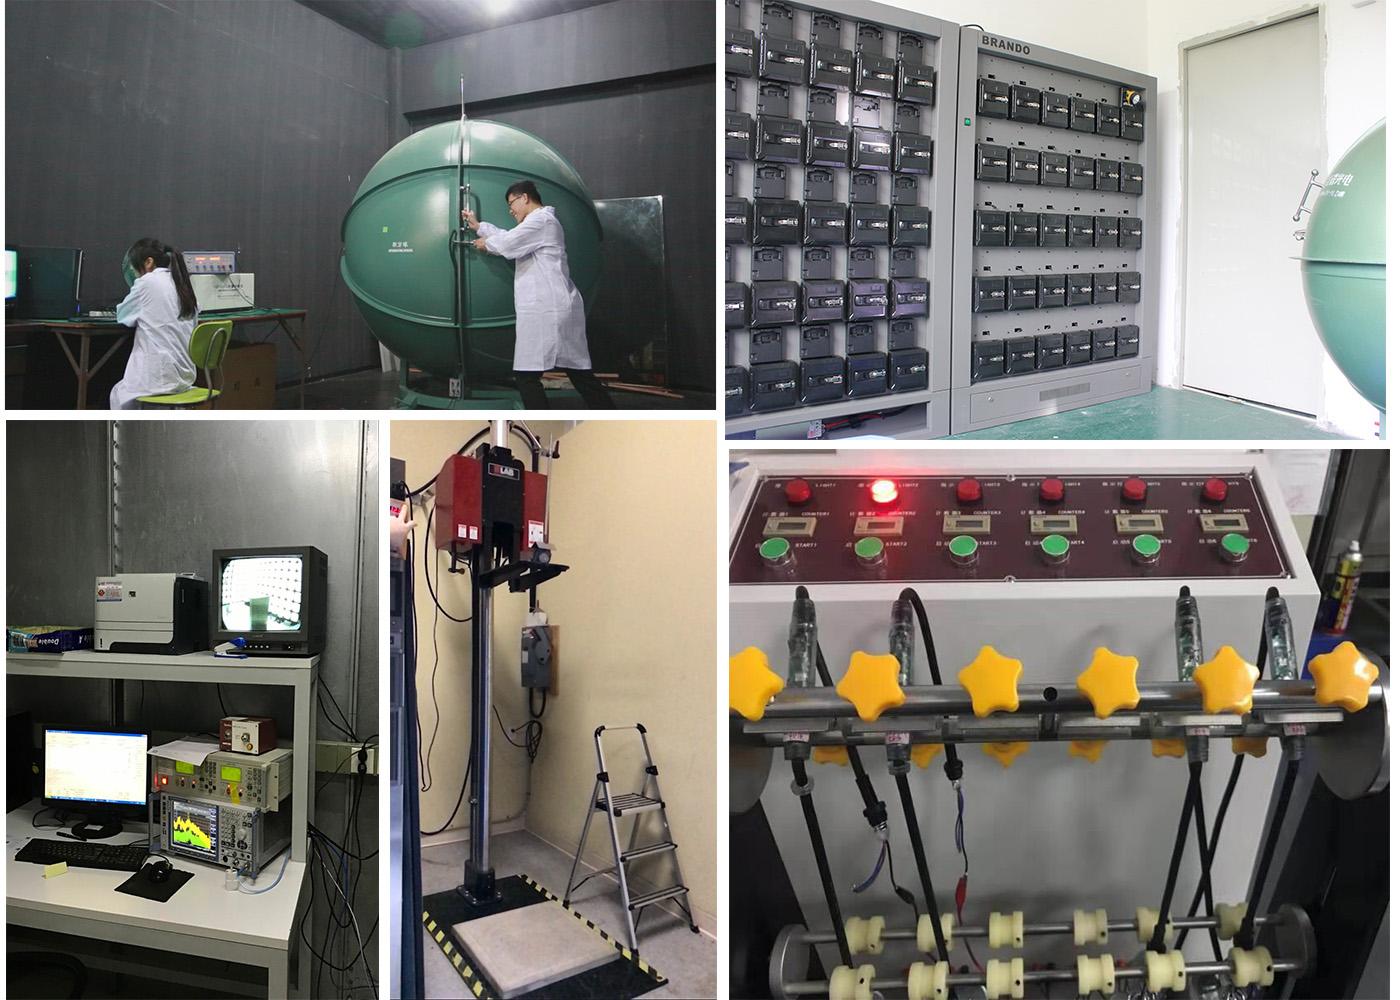 Brando miner cap lamp testing equipment